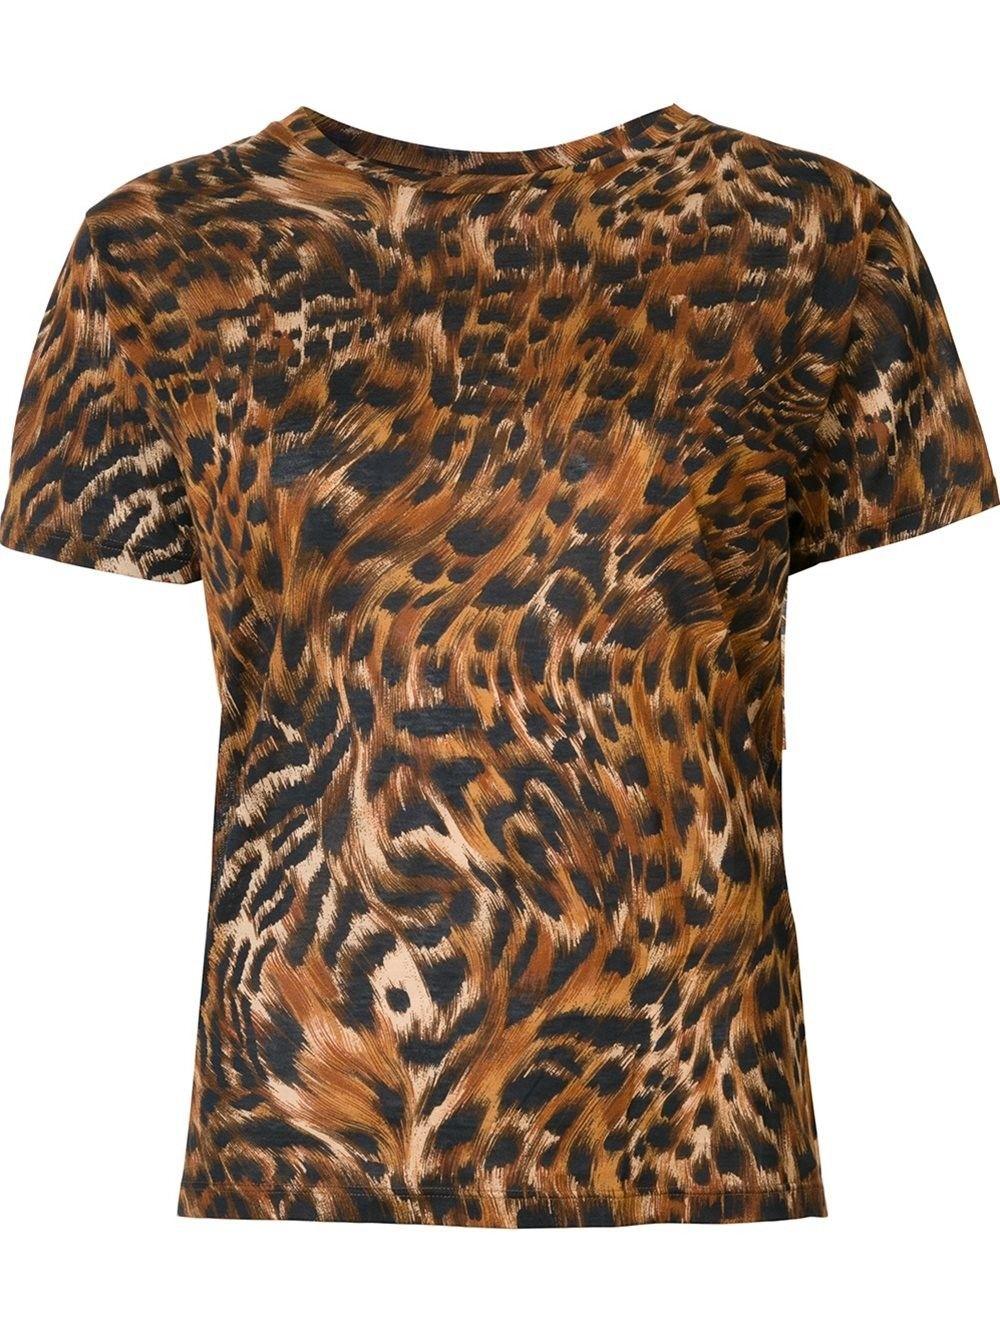 SAINT LAURENT leopard and feather print T-shirt. #saintlaurent #cloth #